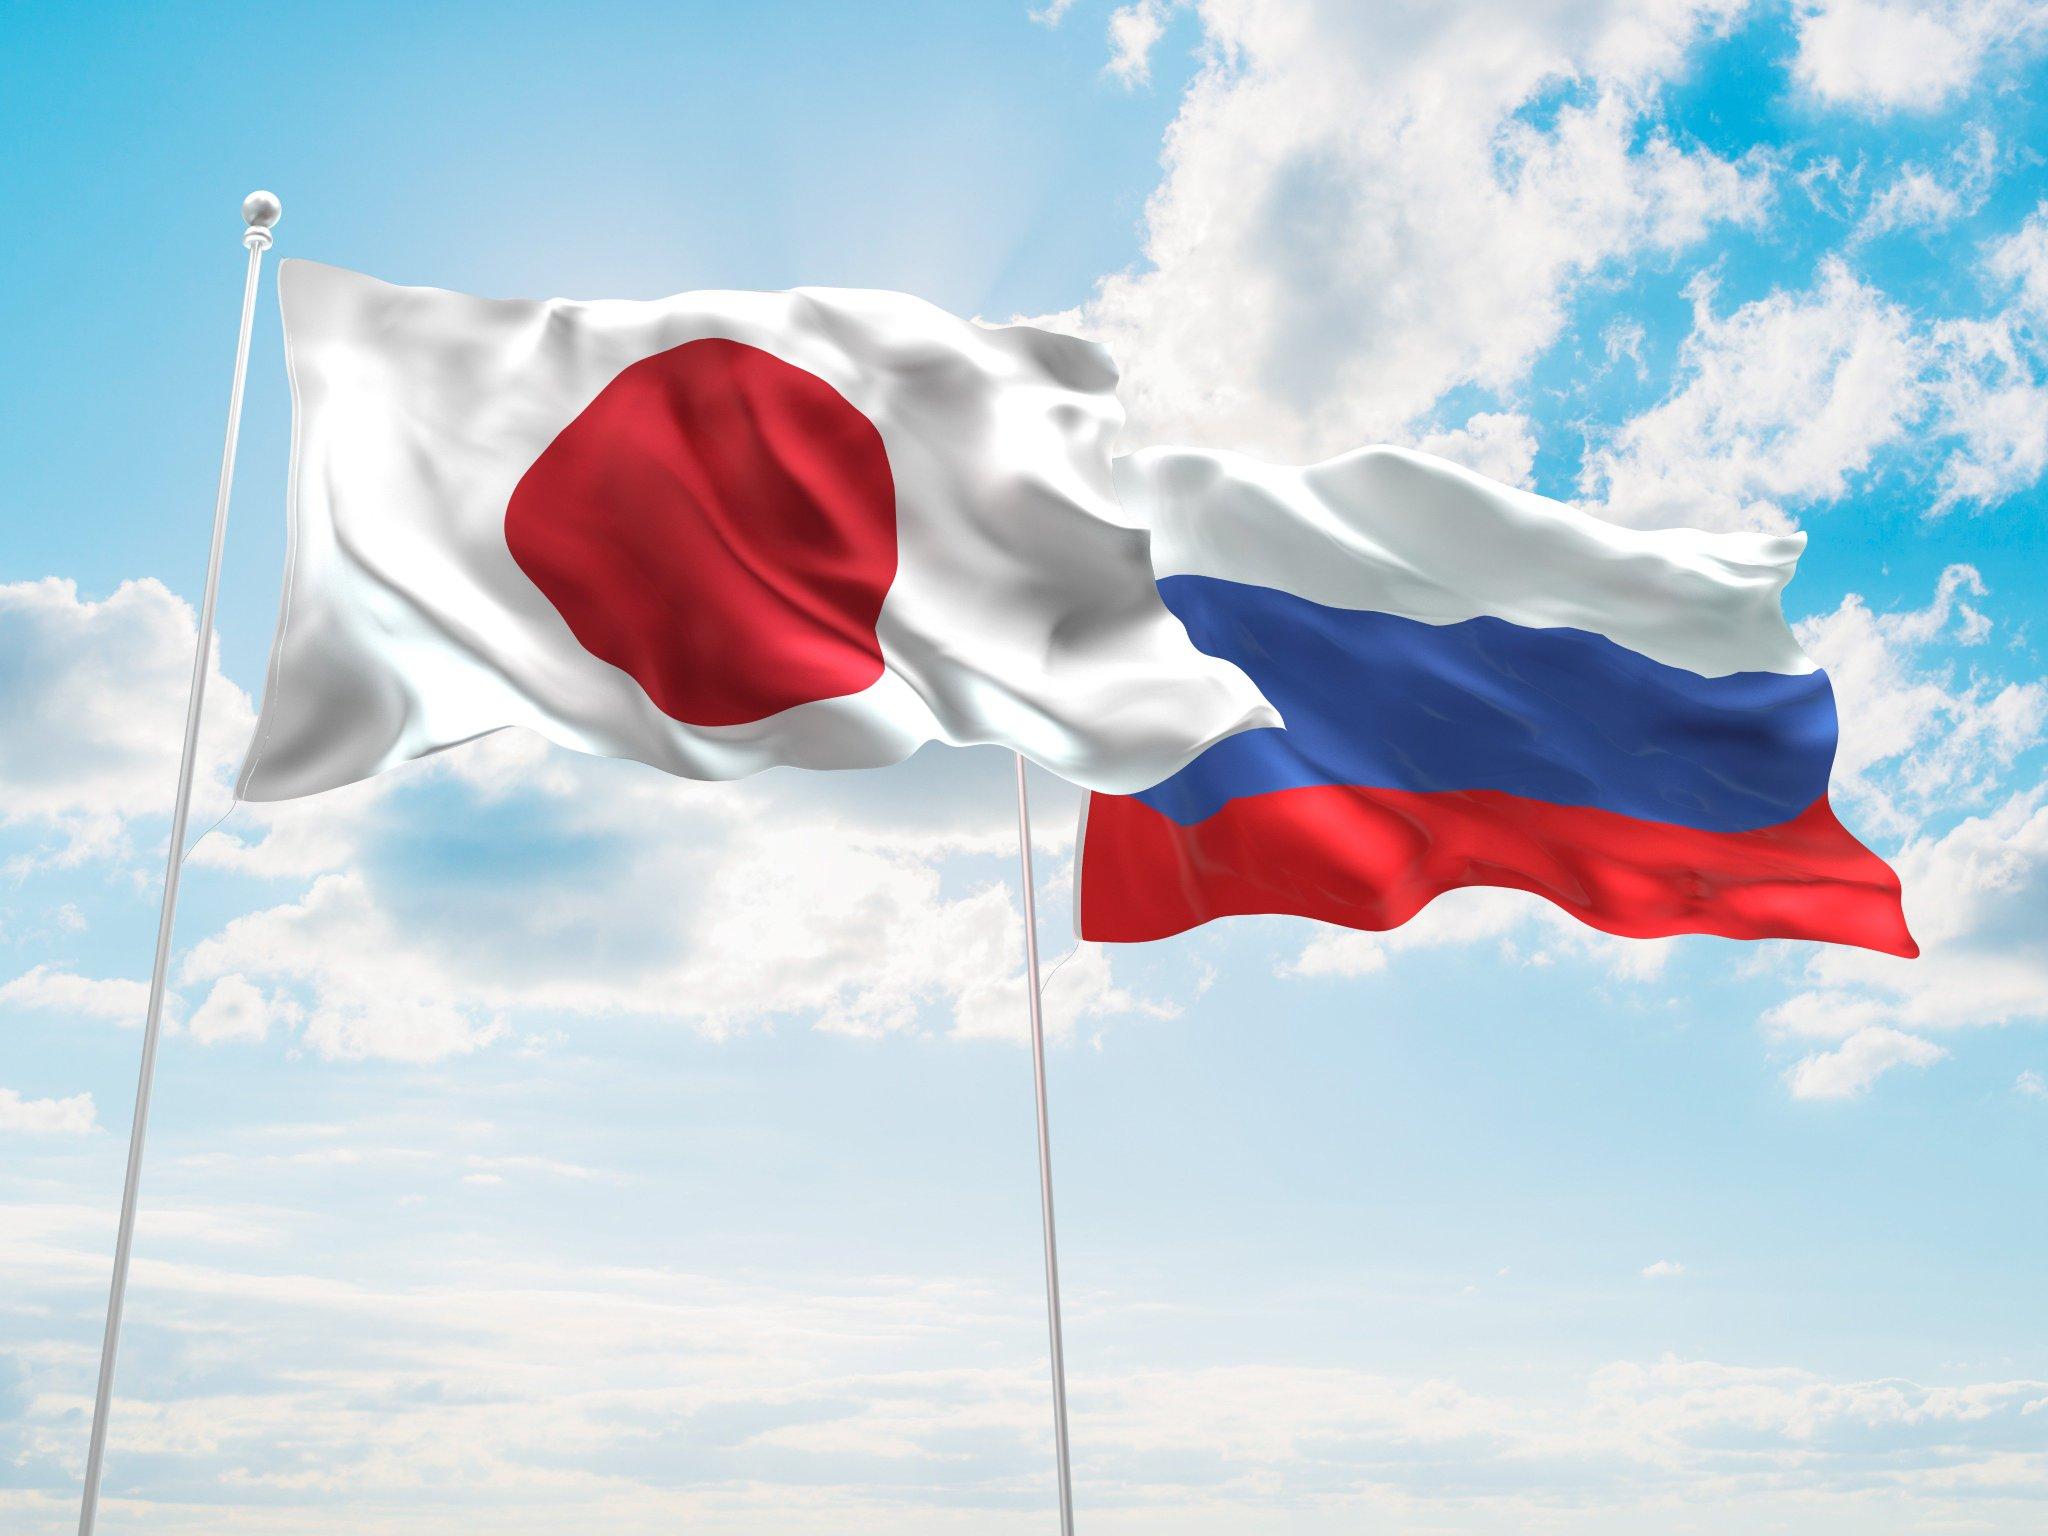 Россия и Япония намерены развивать сотрудничество в природоохранной сфере